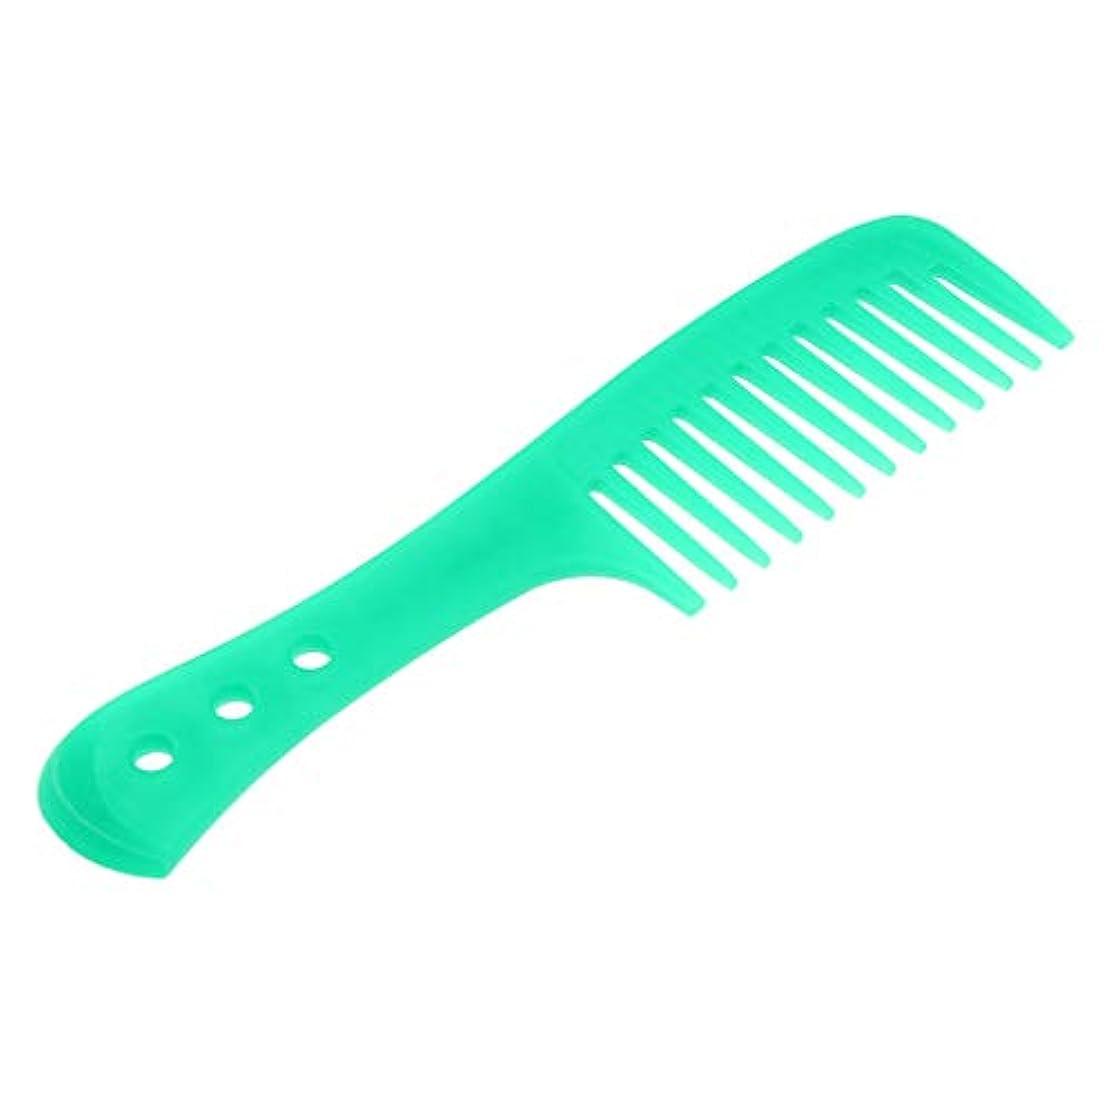 段階なめらかな統合するInjoyo 携帯用理髪の広い歯の櫛の巻き毛のDetanglerの頭皮のマッサージャーのブラシ - 緑